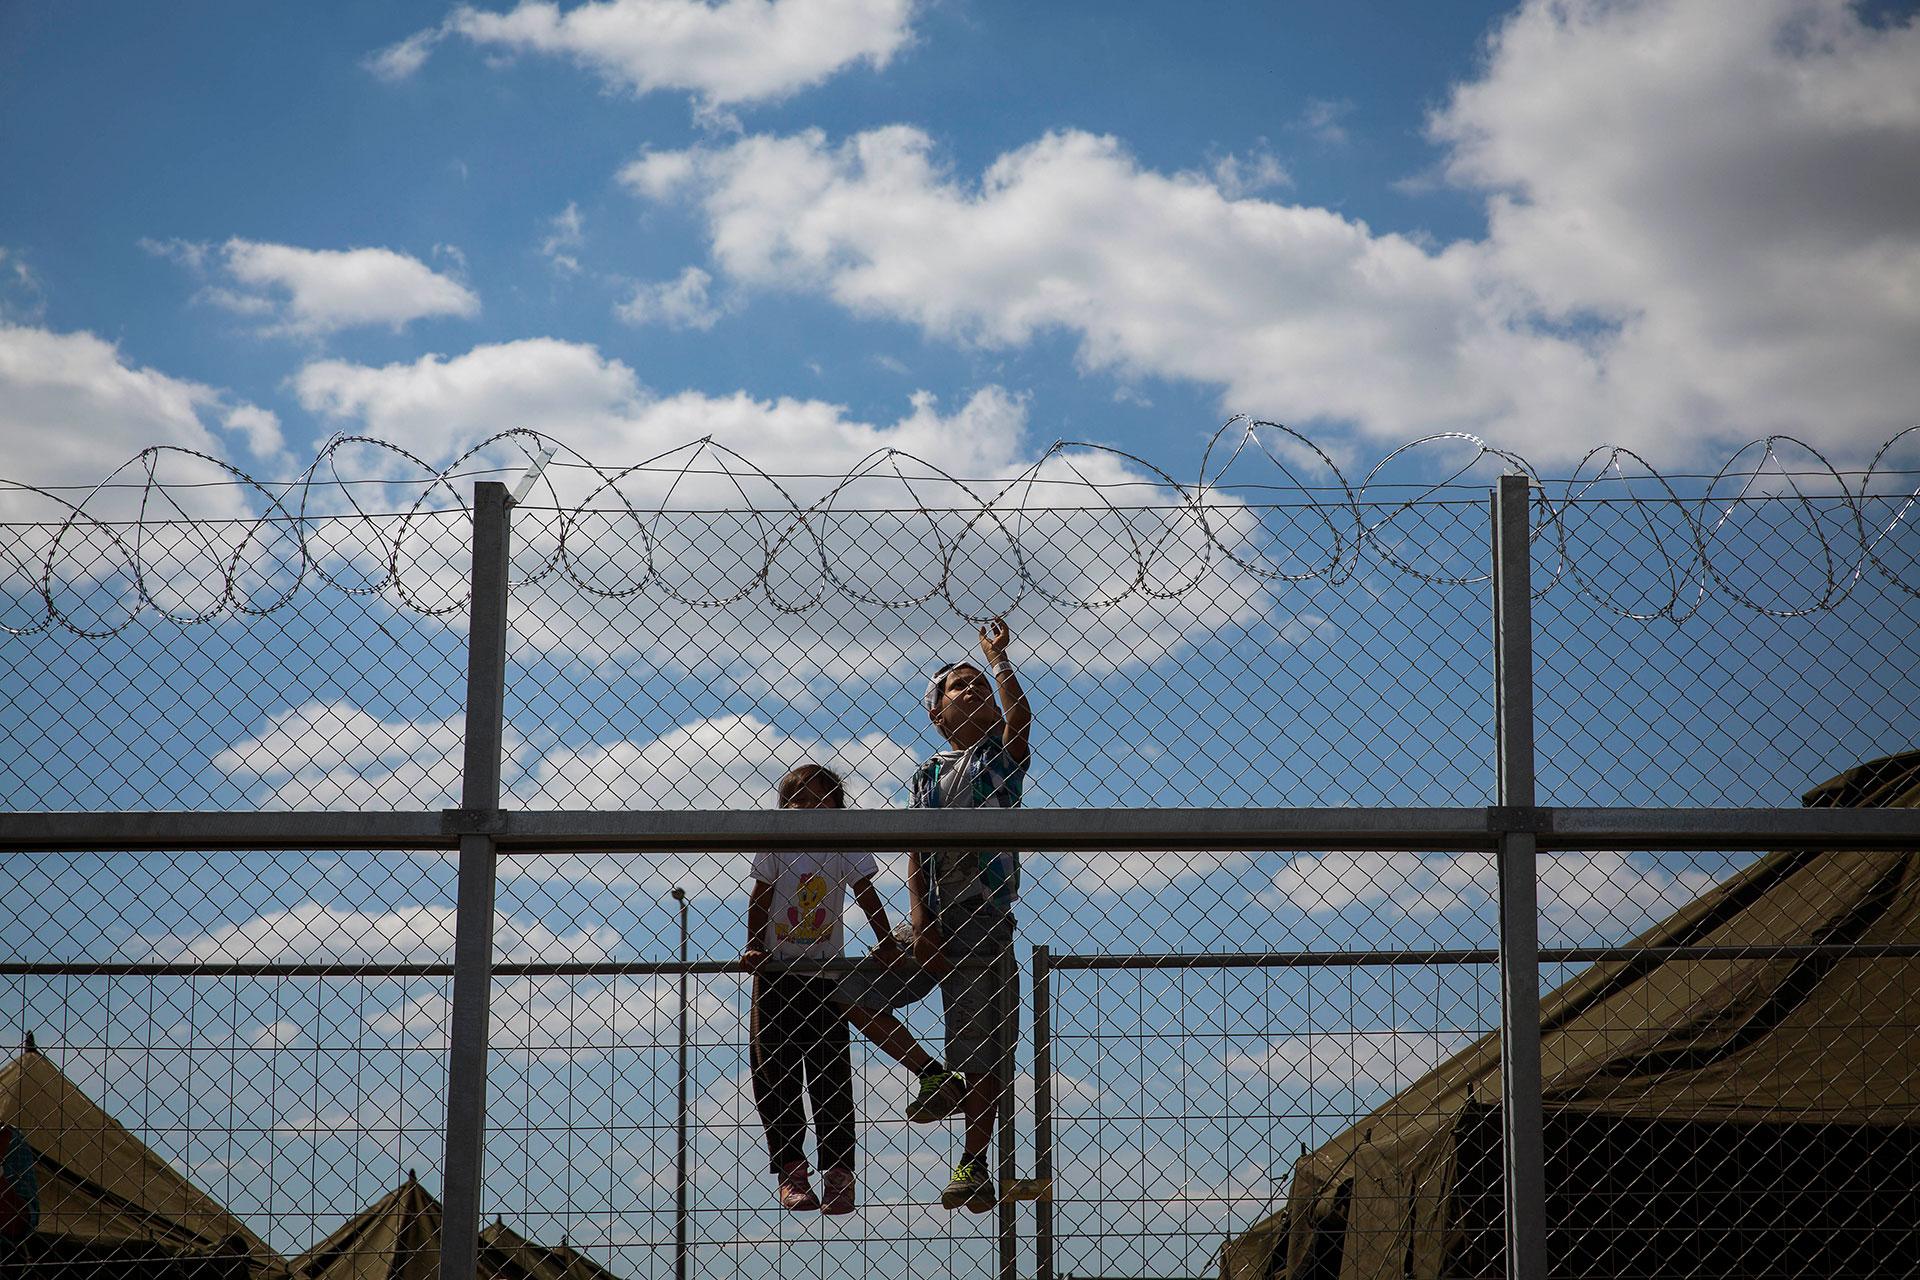 Un niño y una niña subidos a una valla en el interior del campo de personas refugiadas de Roszke. El Gobierno húngaro dirigía a todos los personas recién llegadas a campos similares, donde podían permanecer días encerrados mientras les identificaban y les dejaban continuar su camino. (Roszke. Hungría. 09/09/2015).